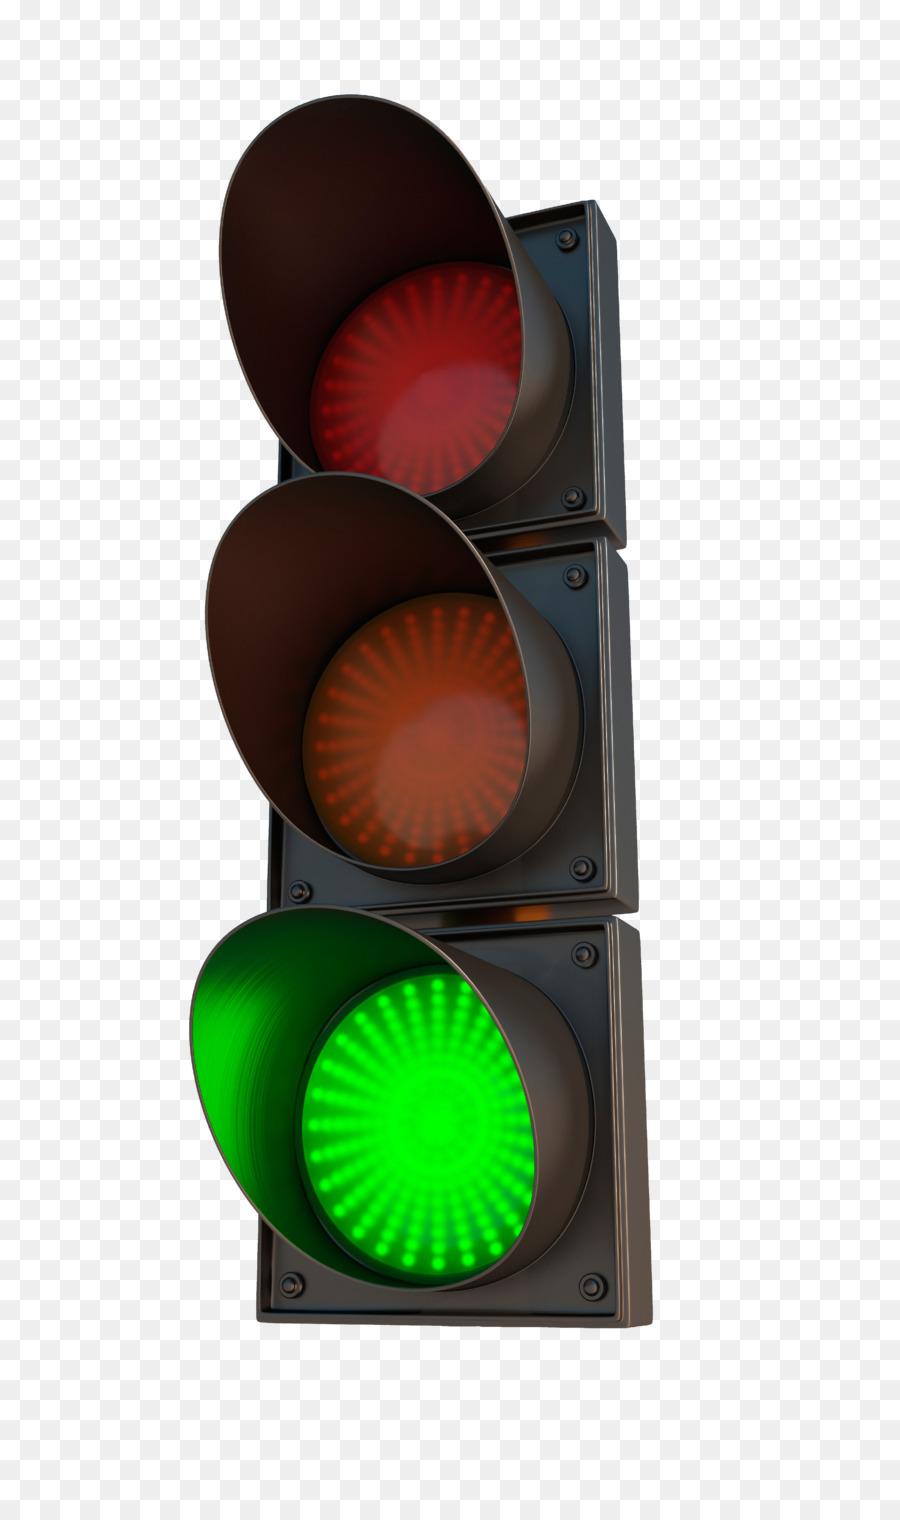 роль светофор с горящим зеленым светом картинка этого сорта